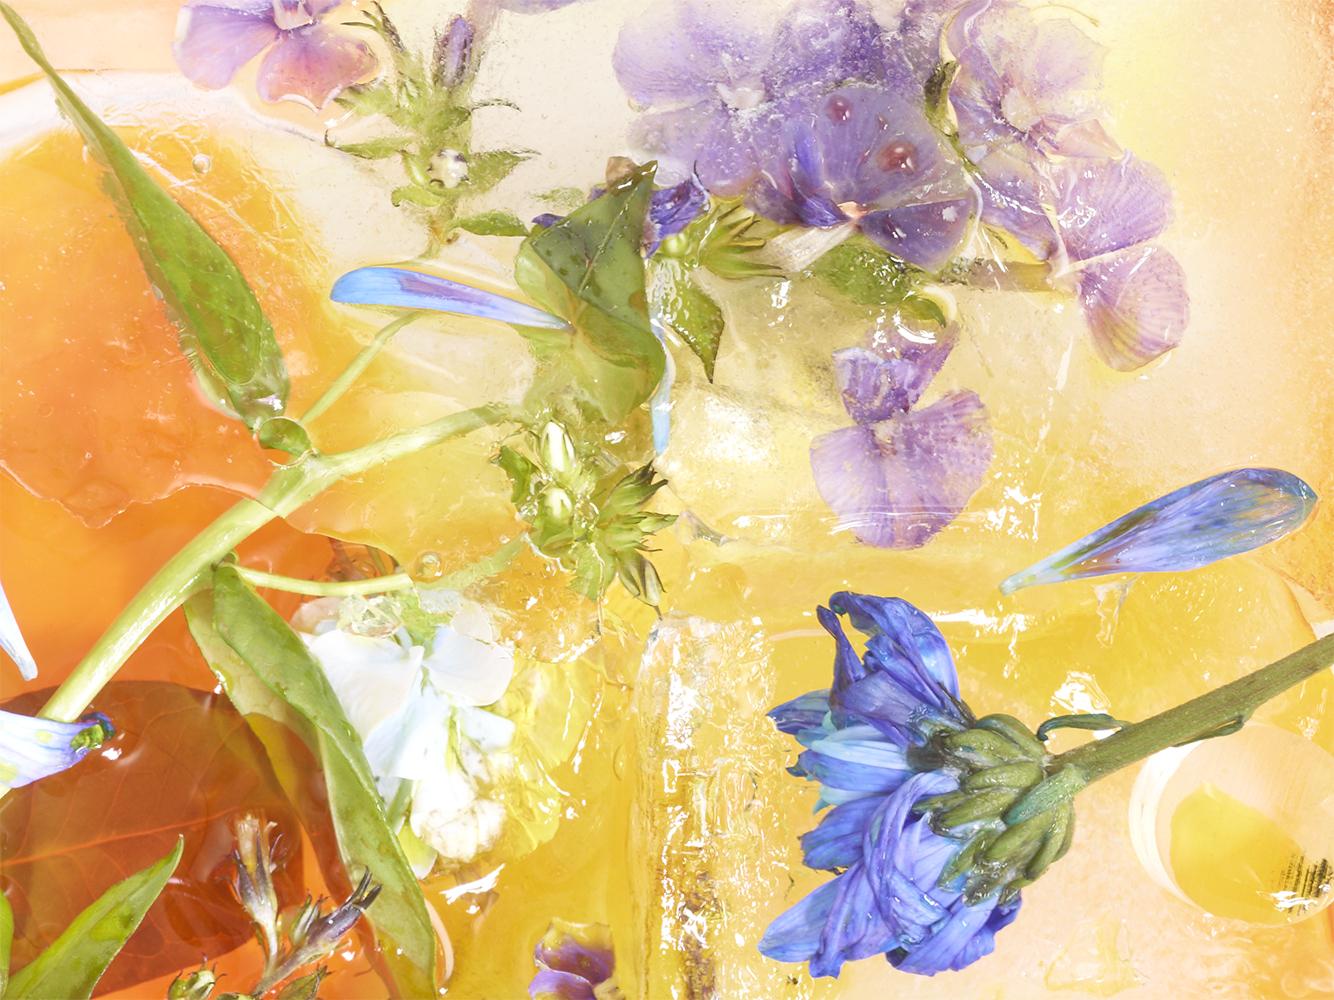 Lucas Laurent - Prix création - série Flower Power